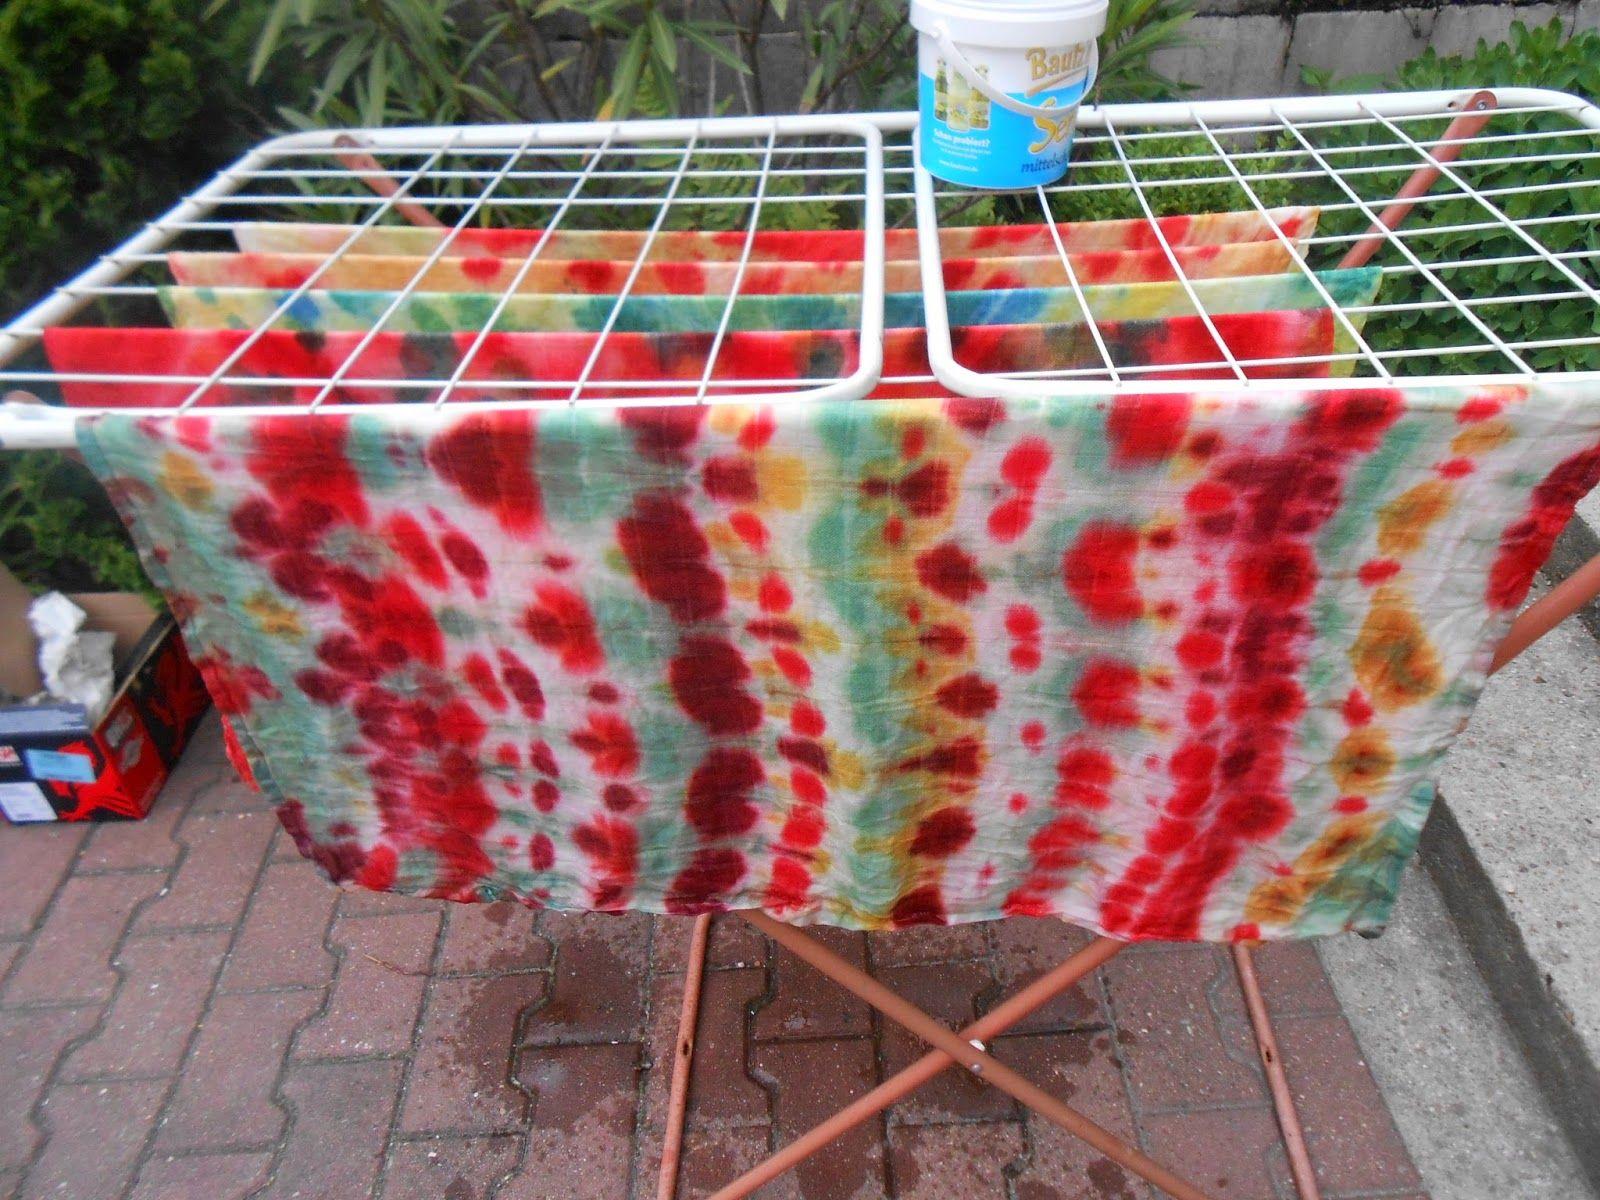 DIY Tutorial Anleitung kostenlos gratis Batik batiken Tücher färben ...